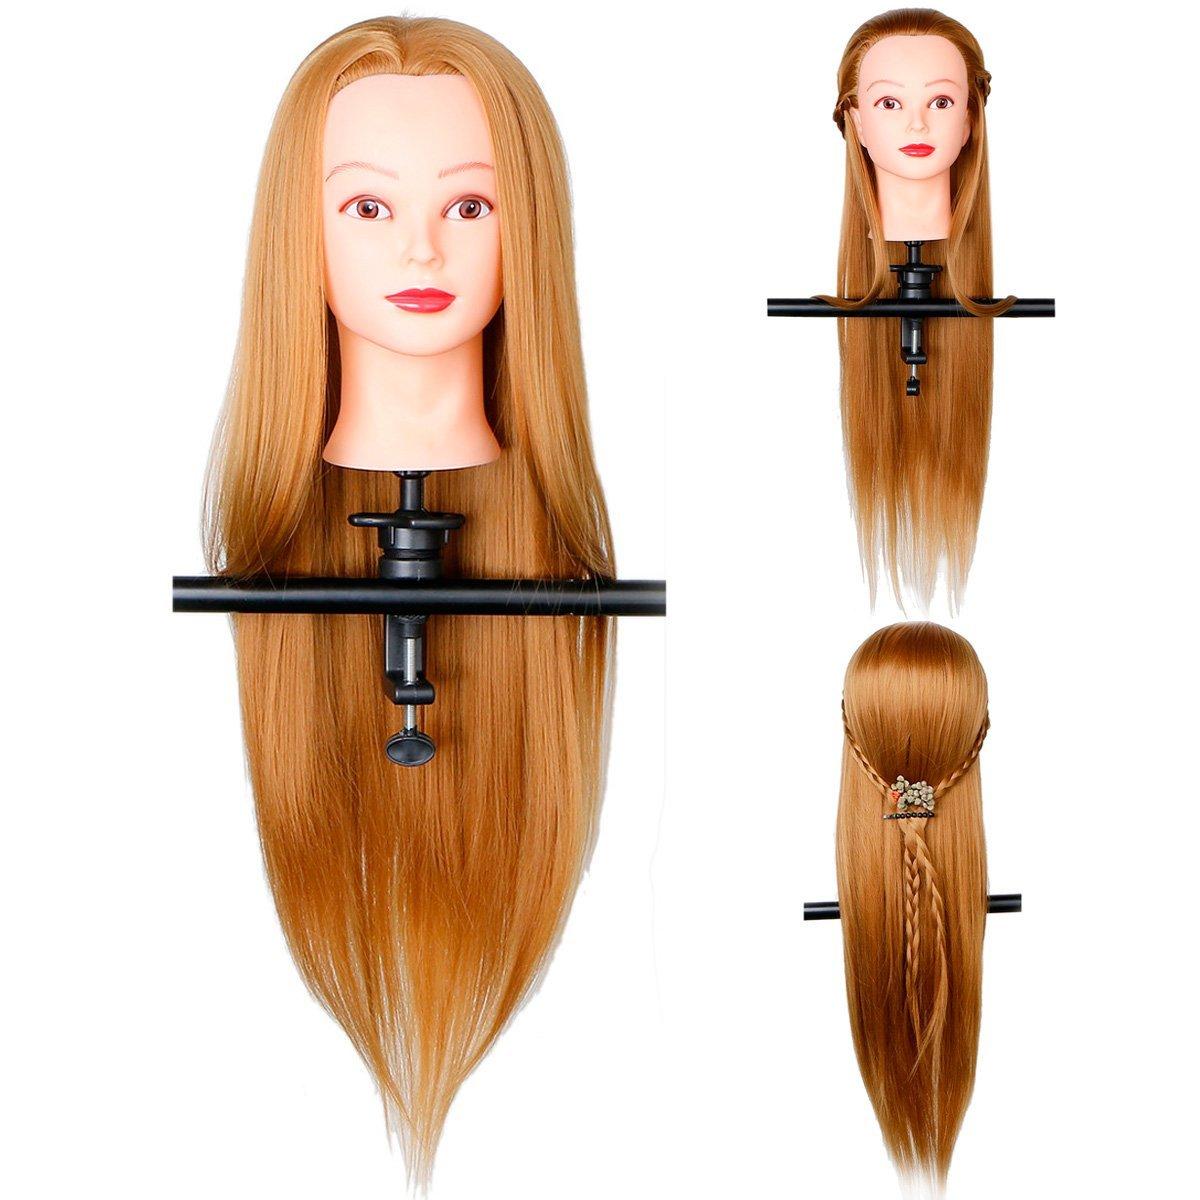 Cheap Model Model Ikon Hair Find Model Model Ikon Hair Deals On